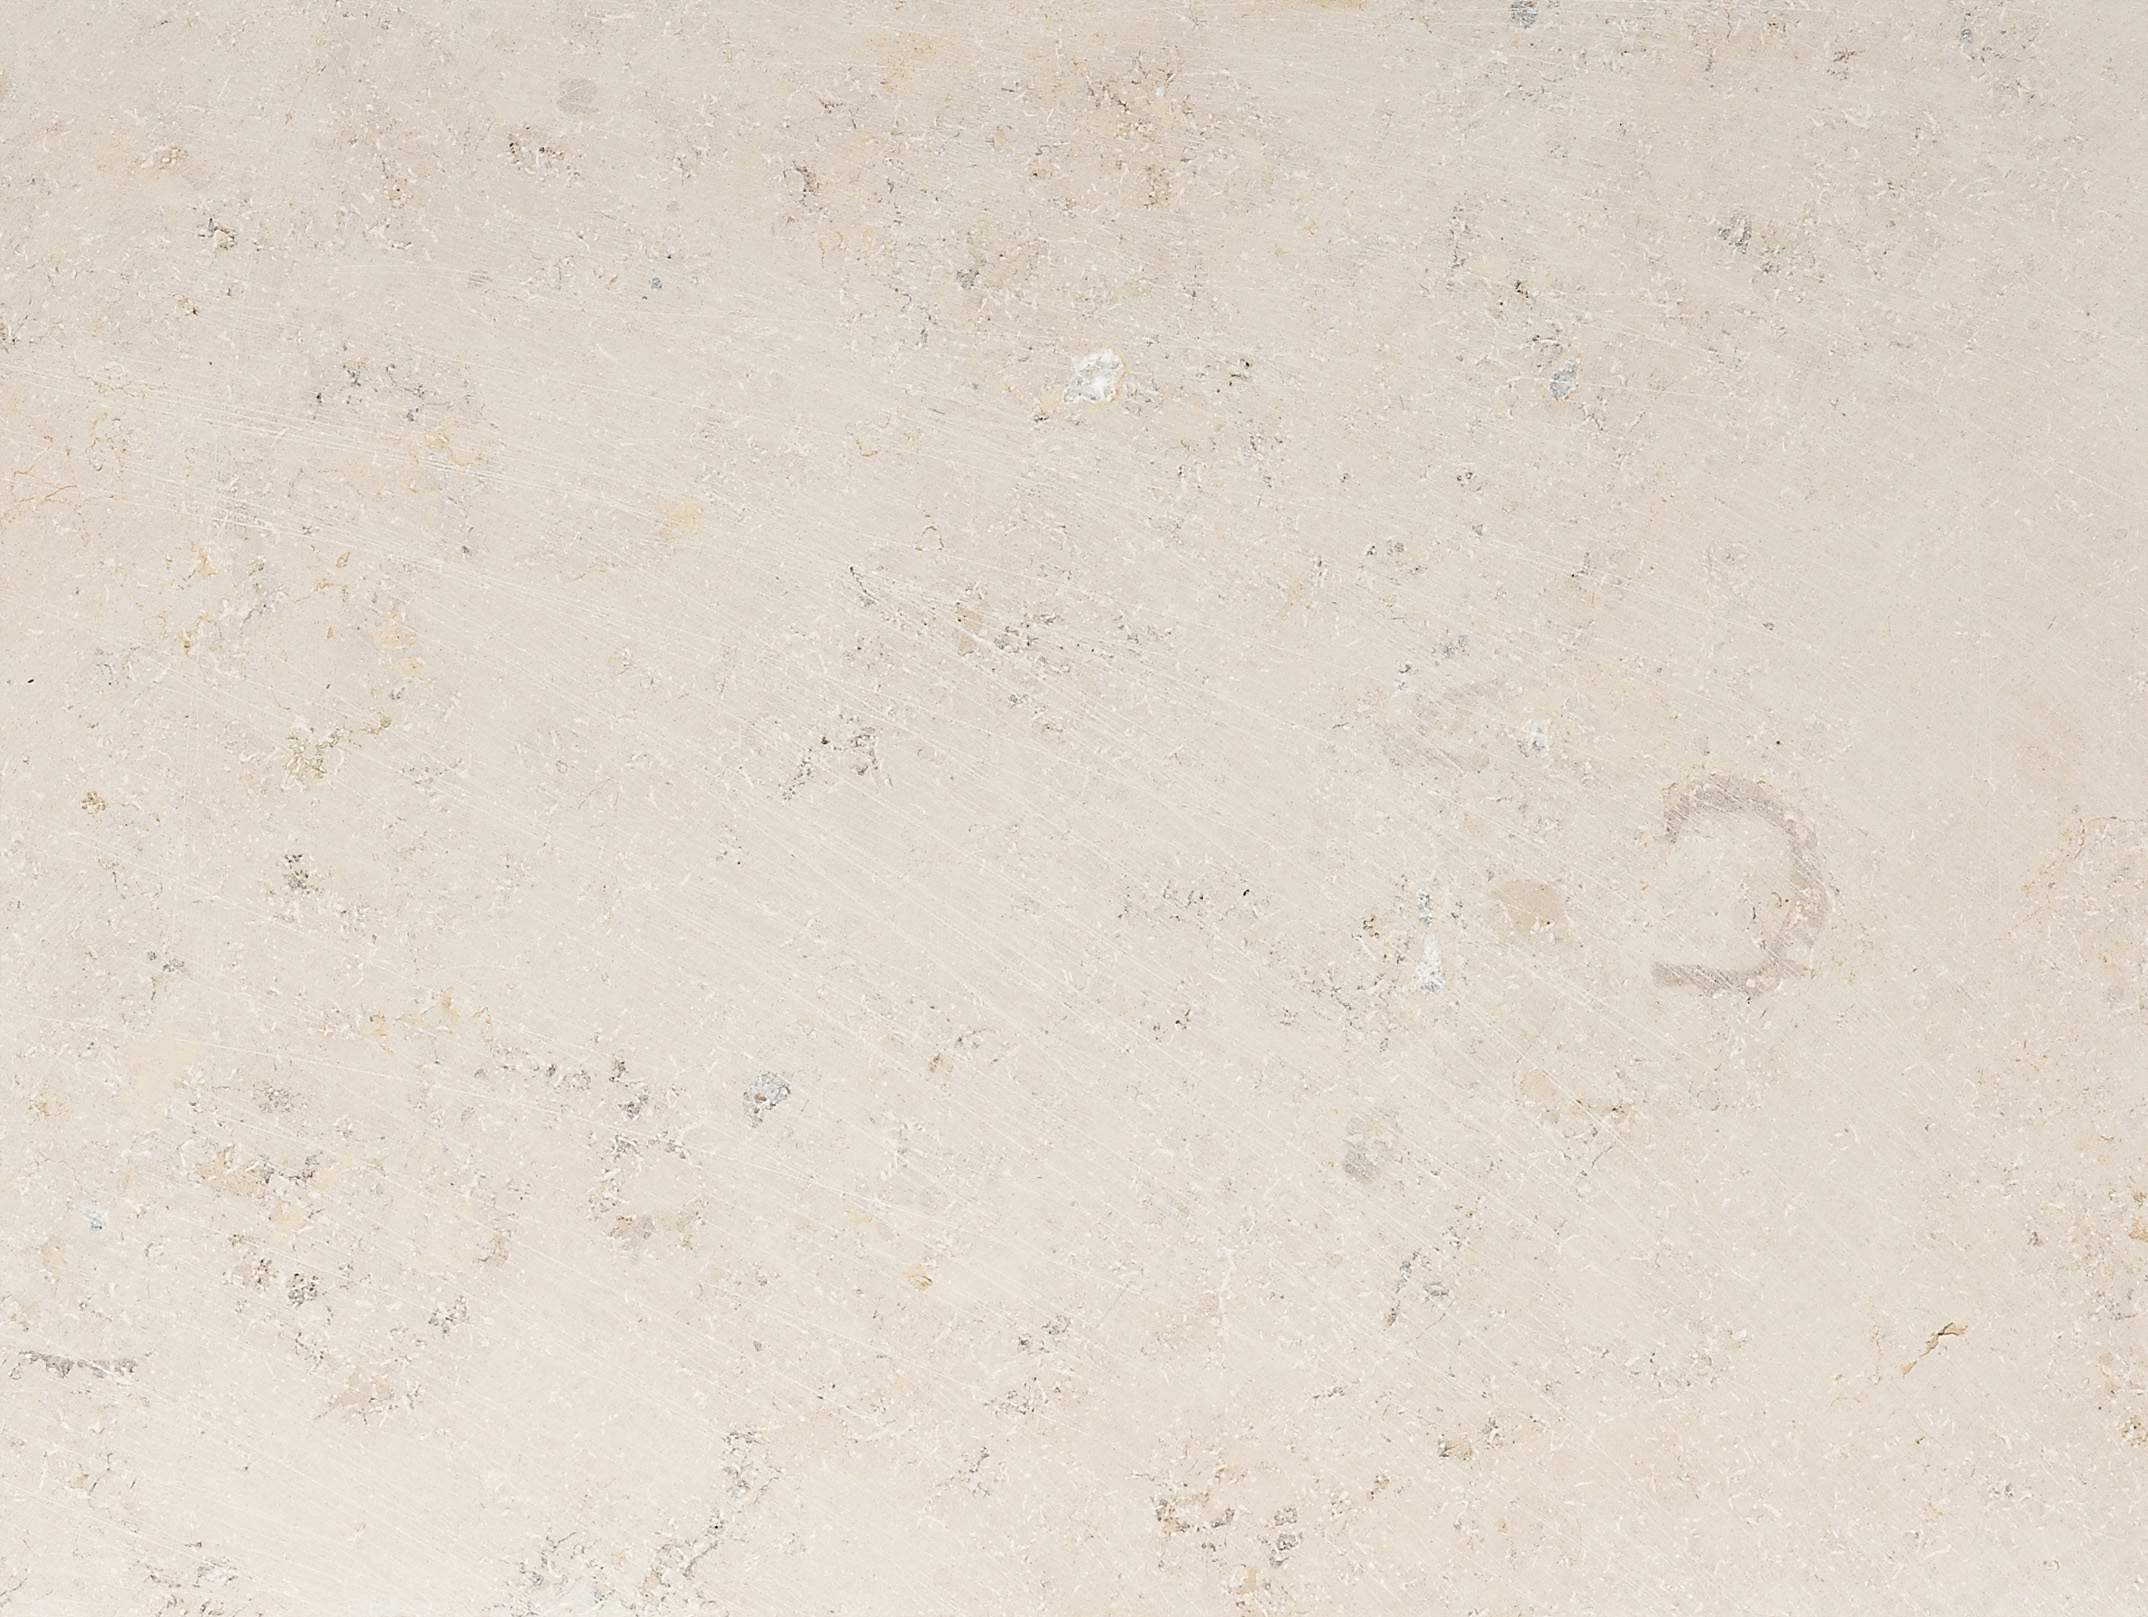 Dietfurter Kalkstein dietfurter kalkstein beige geschliffen c30 kalkstein